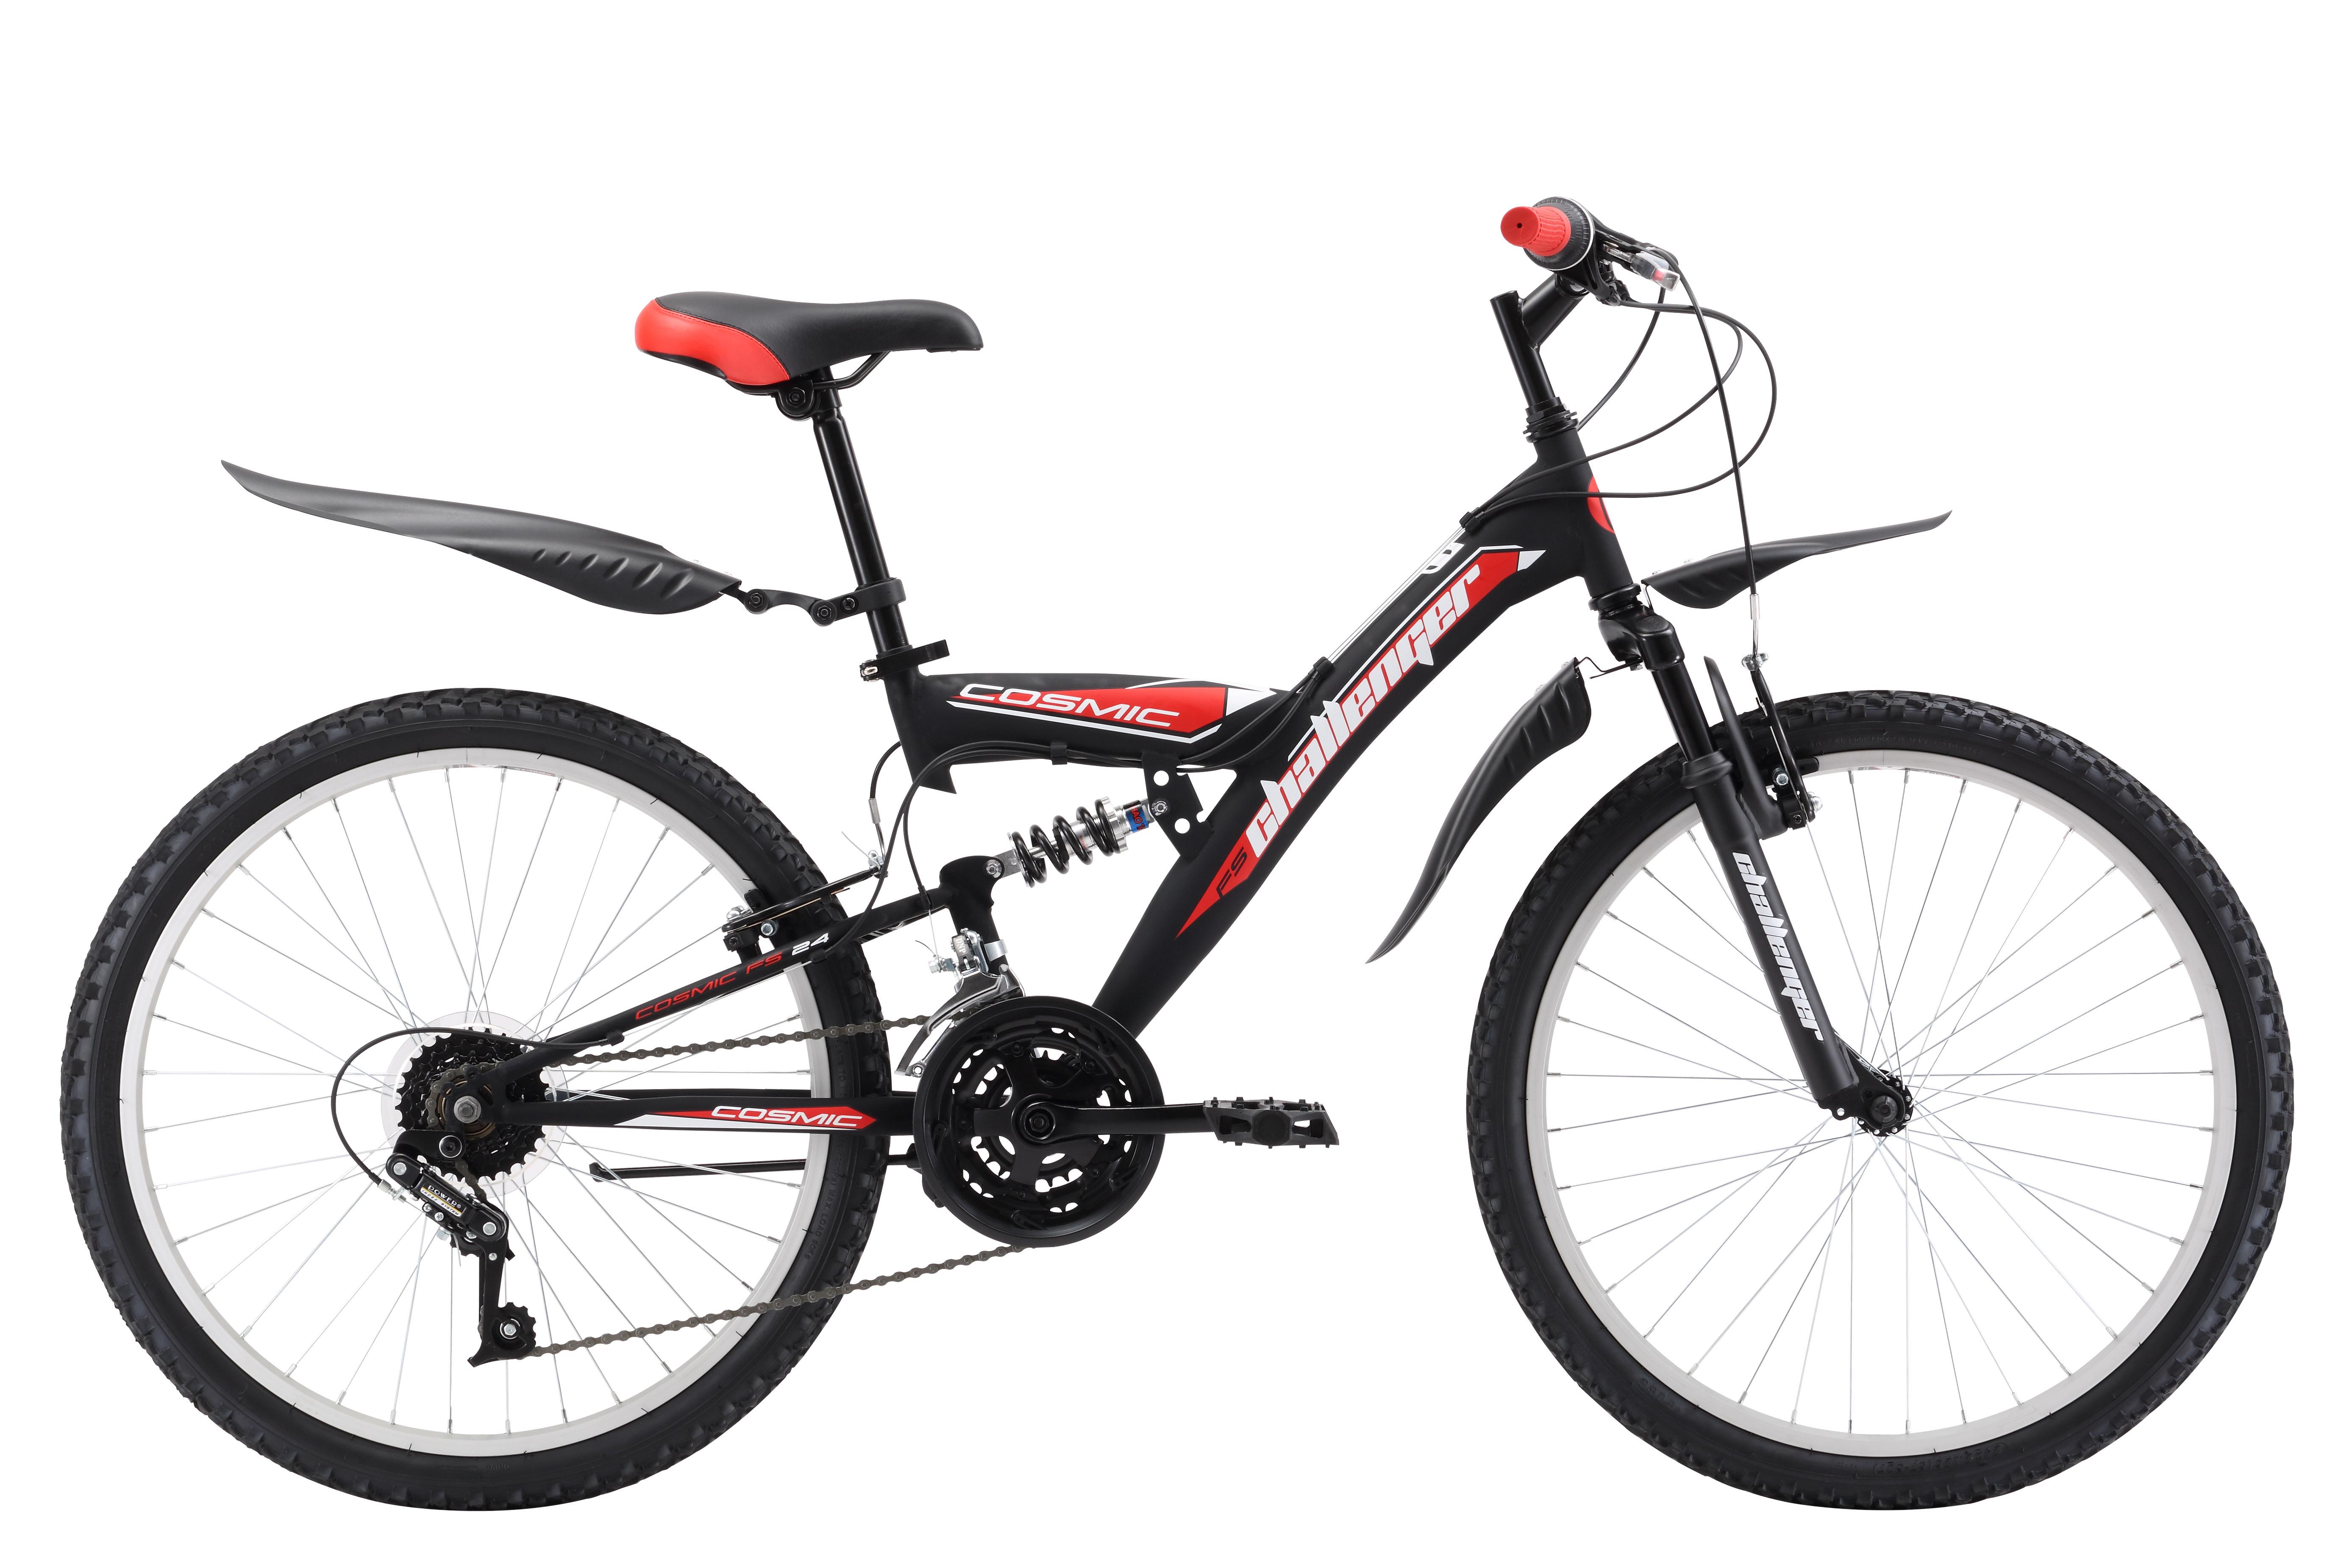 Велосипед Challenger Cosmic FS 24 (2017) сине-оранжевый 13ОТ 9 ДО 13 ЛЕТ (24-26 ДЮЙМОВ)<br>Подростковый двухподвес Challenger Cosmic FS 24, на стальной раме, предназначен для активных велопрогулок на свежем воздухе. Размер велосипеда подходит юношам, имеющим рост 127-155 см. Эффективному торможению способствуют ободные тормоза типа V-brake. Колёса диаметром 24 дюйма, на усиленных ободах, устойчивы к деформациям и quot;восьмёркамquot;. Велосипед оборудован трансмиссией на 18 скоростей. В комплекте с велосипедом Cosmic FS 24 вы найдёте крылья и подножку.<br><br>бренд: CHALLENGER<br>год: 2018<br>рама: Сталь (Hi-Ten)<br>вилка: Амортизационная (пружина)<br>блокировка амортизатора: None<br>диаметр колес: 24<br>тормоза: Дисковые механические<br>уровень оборудования: Начальный<br>количество скоростей: 18<br>Цвет: сине-оранжевый<br>Размер: 13